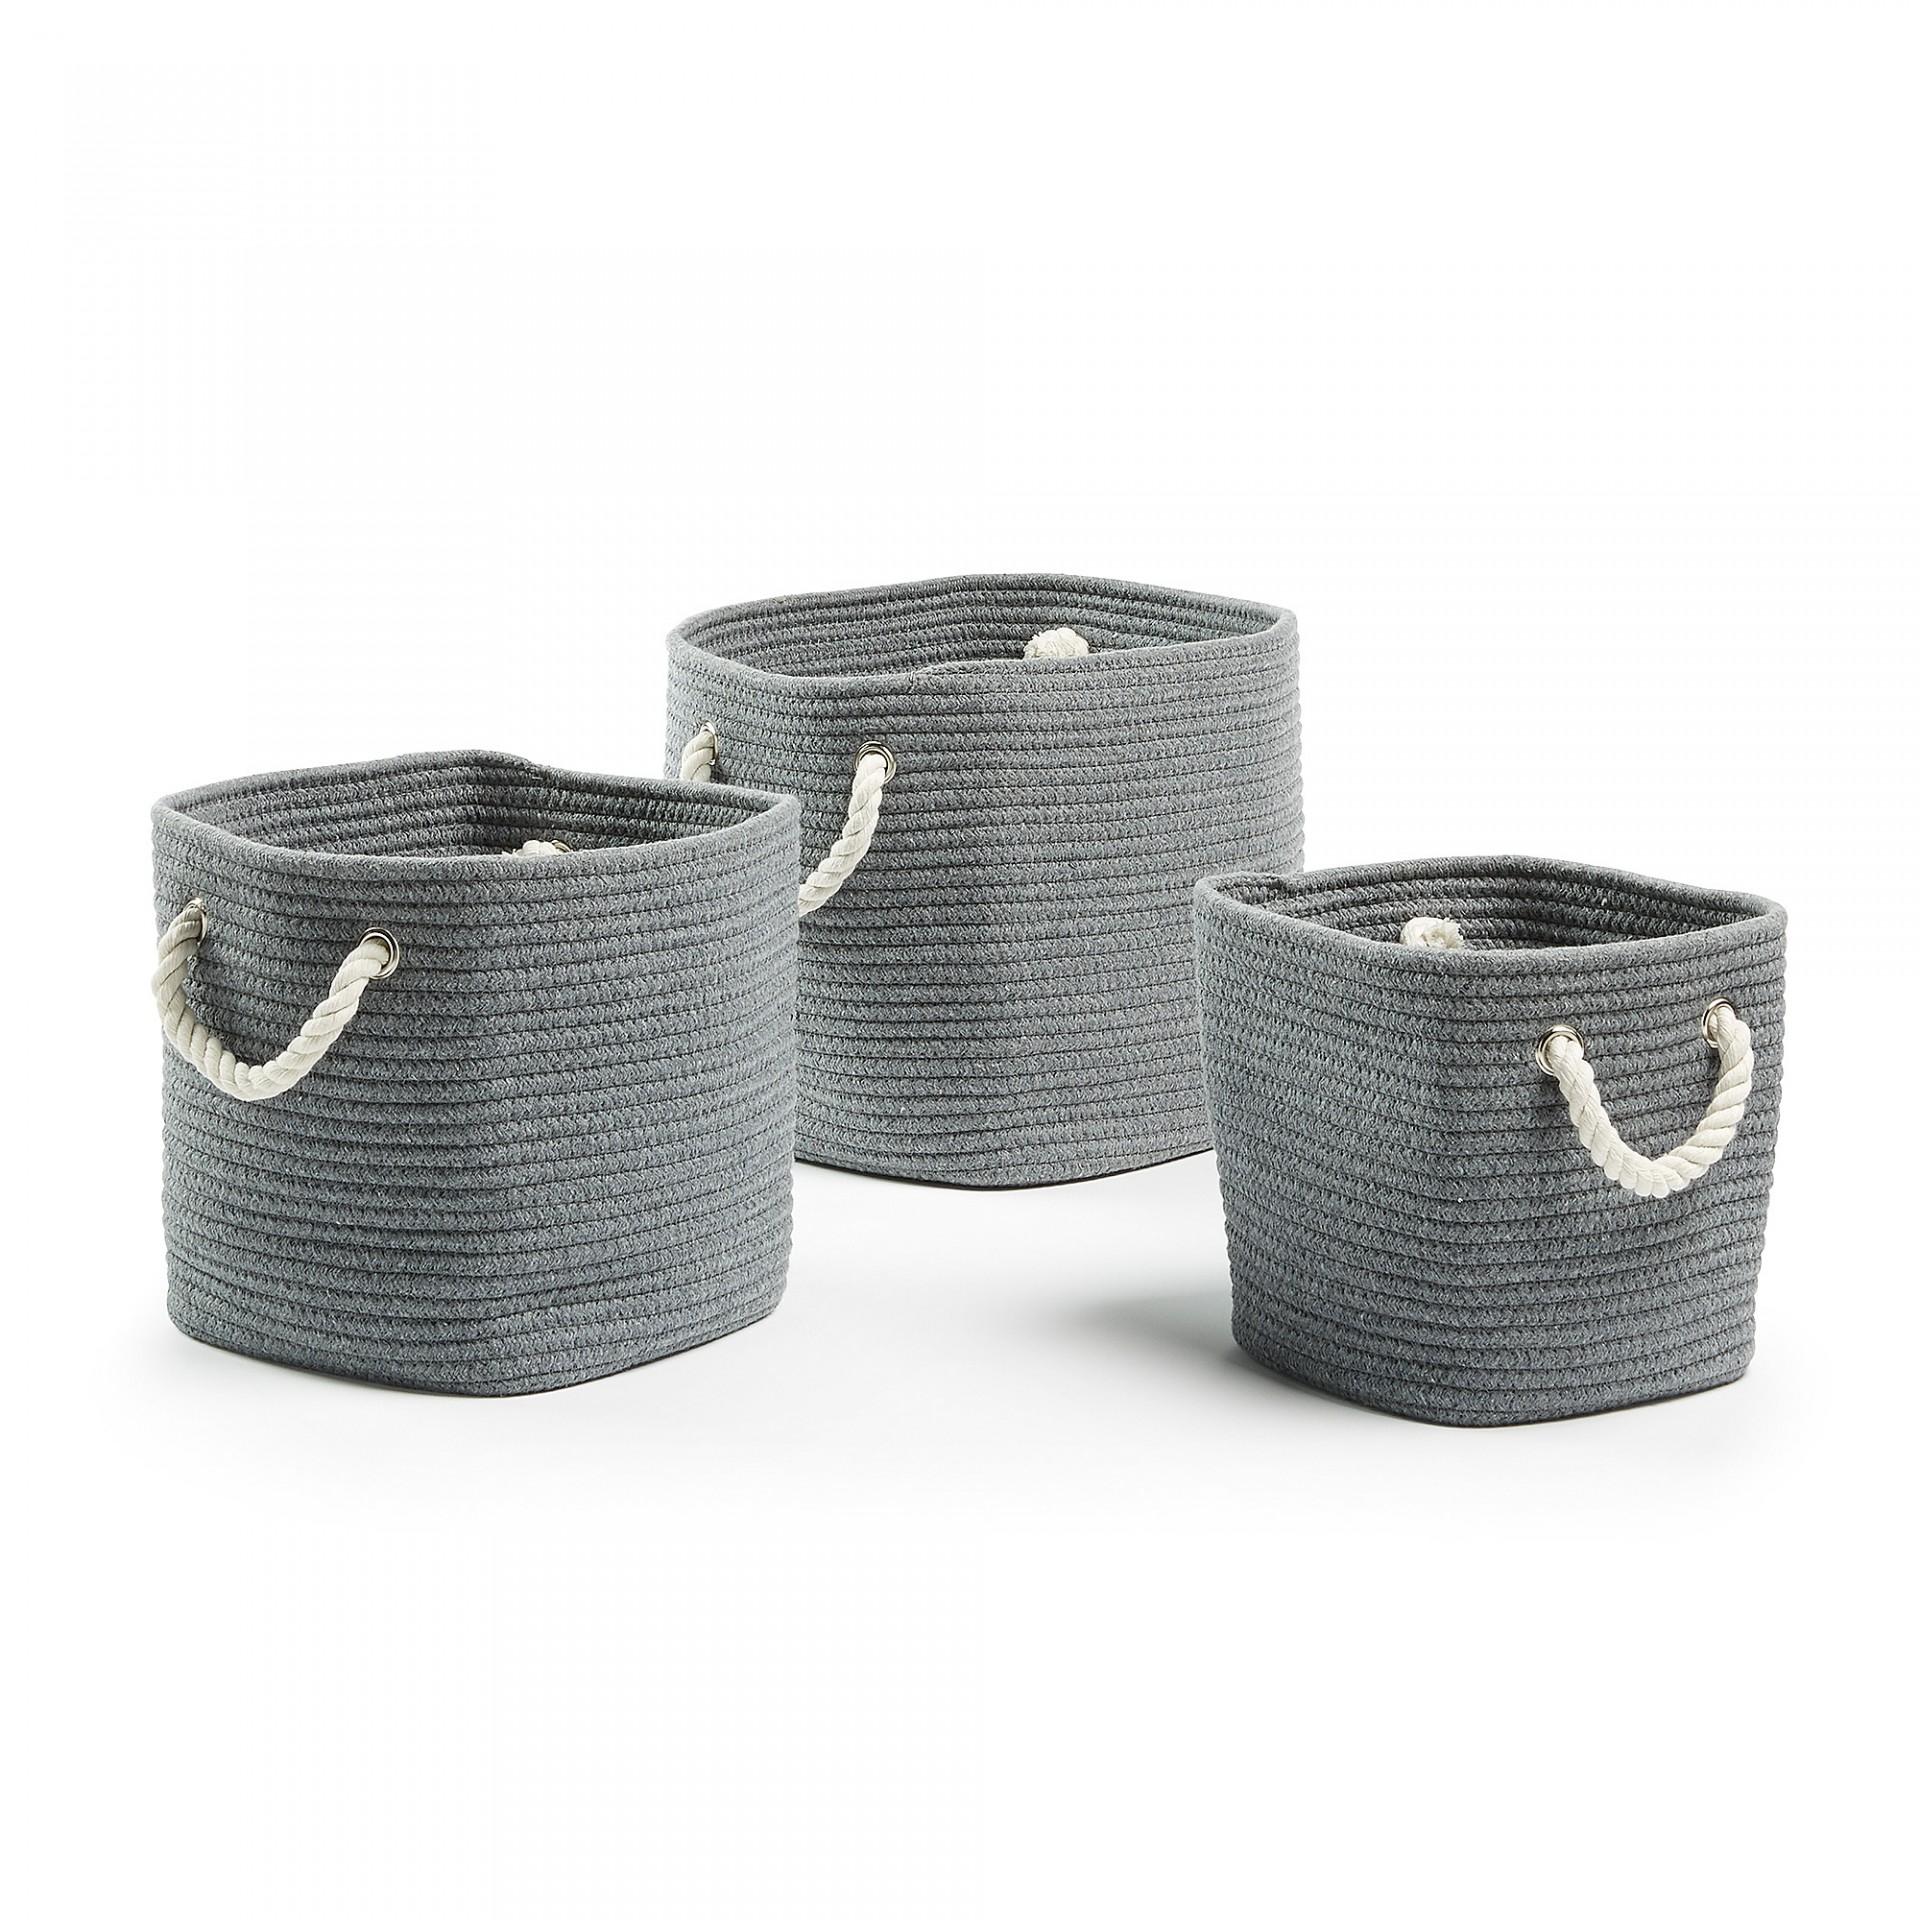 Cestas em corda de algodão, gris/branco, (Conj.3)